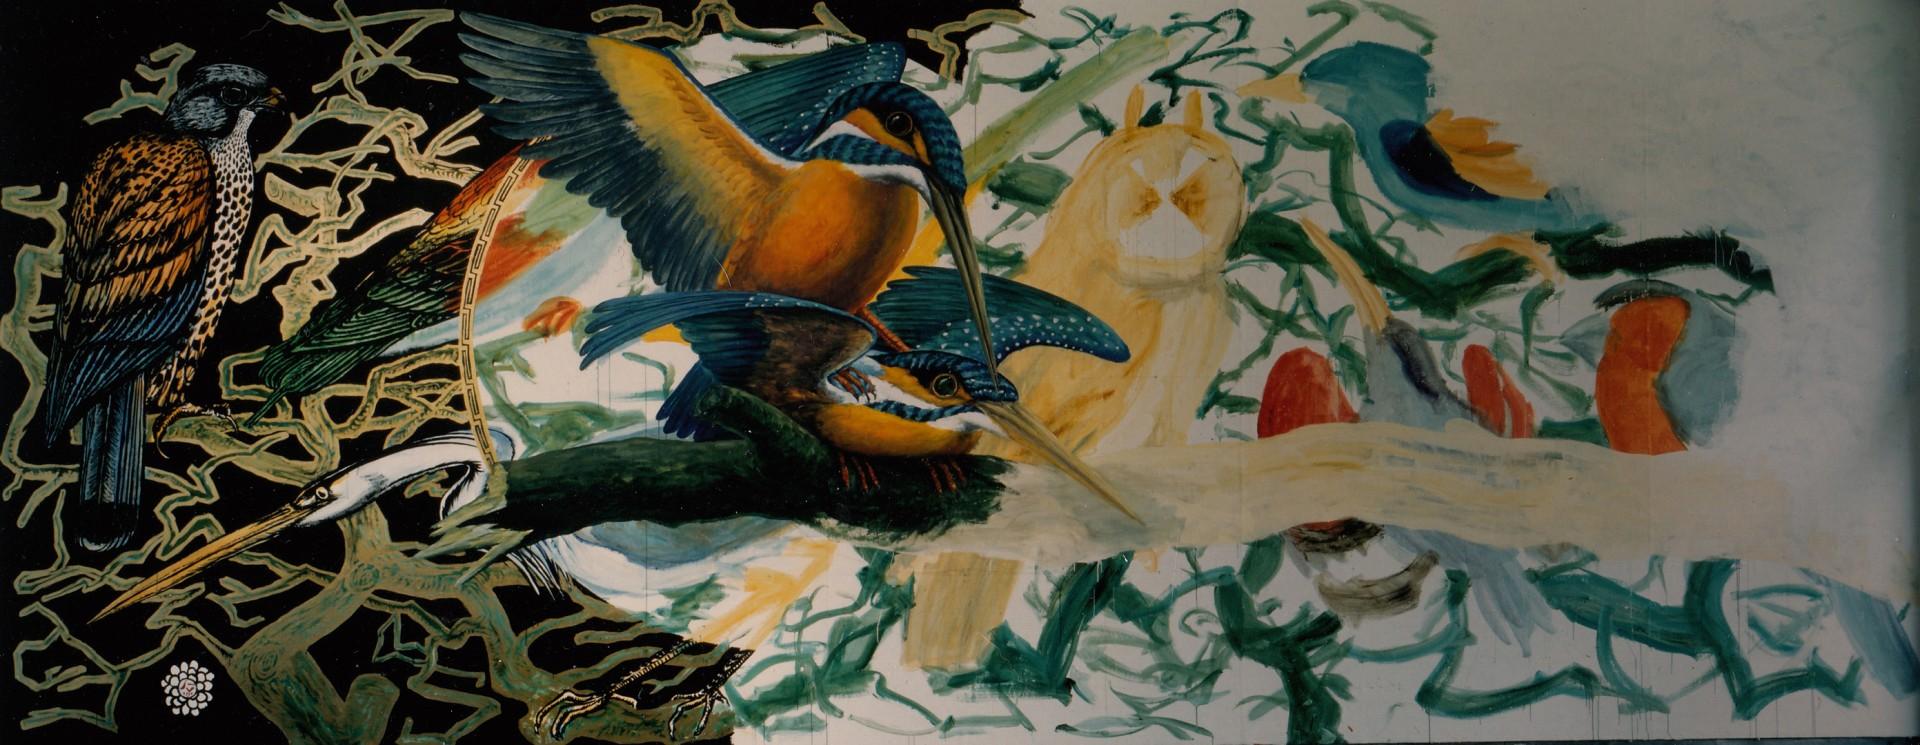 Jan_Verburg-Muurschildering02